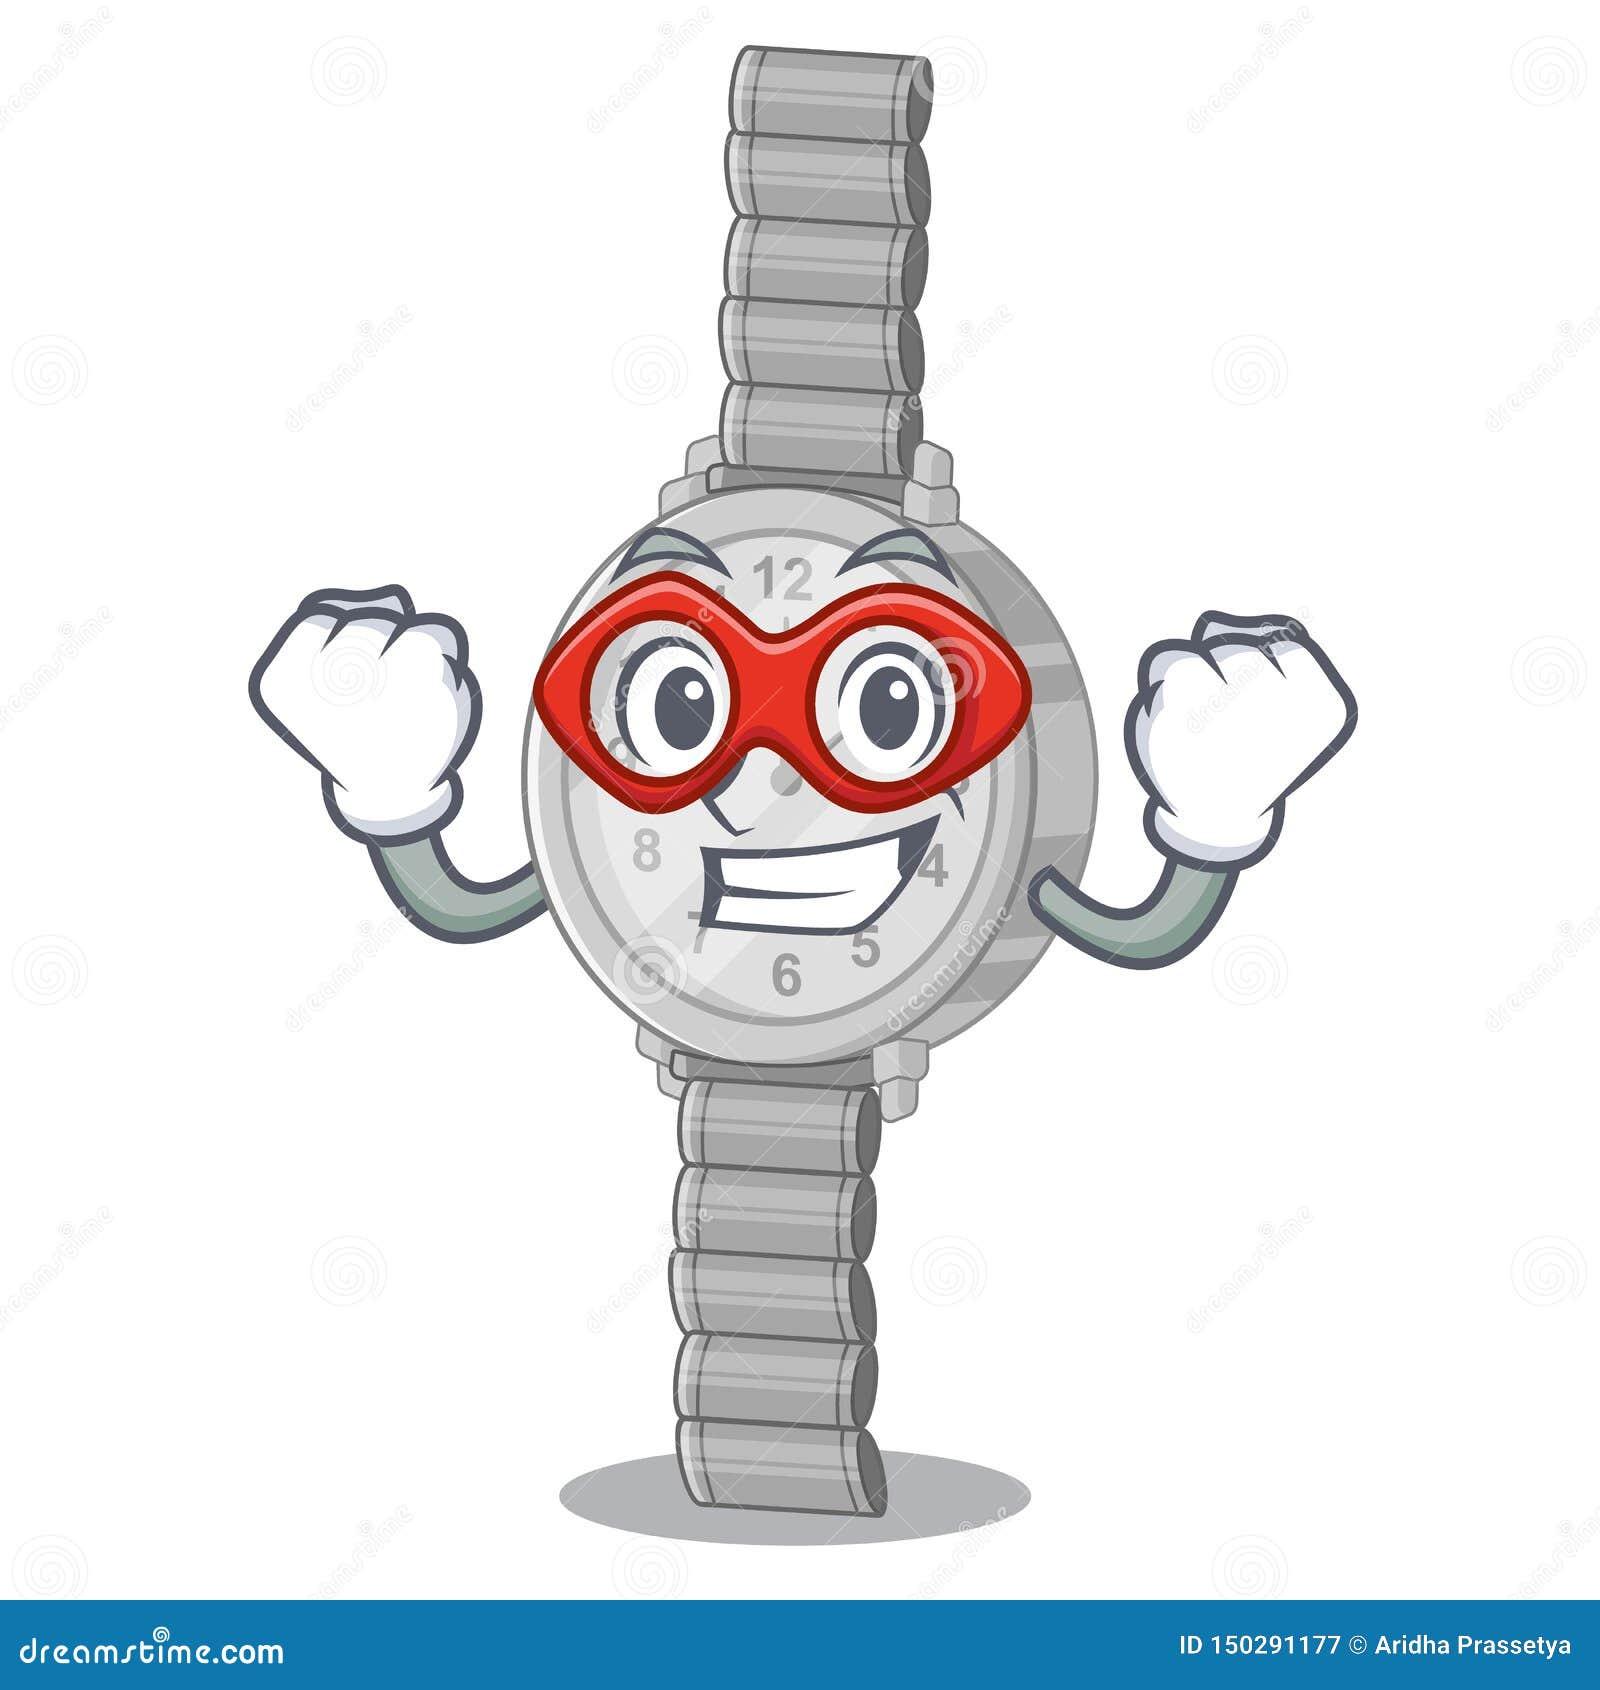 Armbandsur för toppen hjälte i a-teckenformen